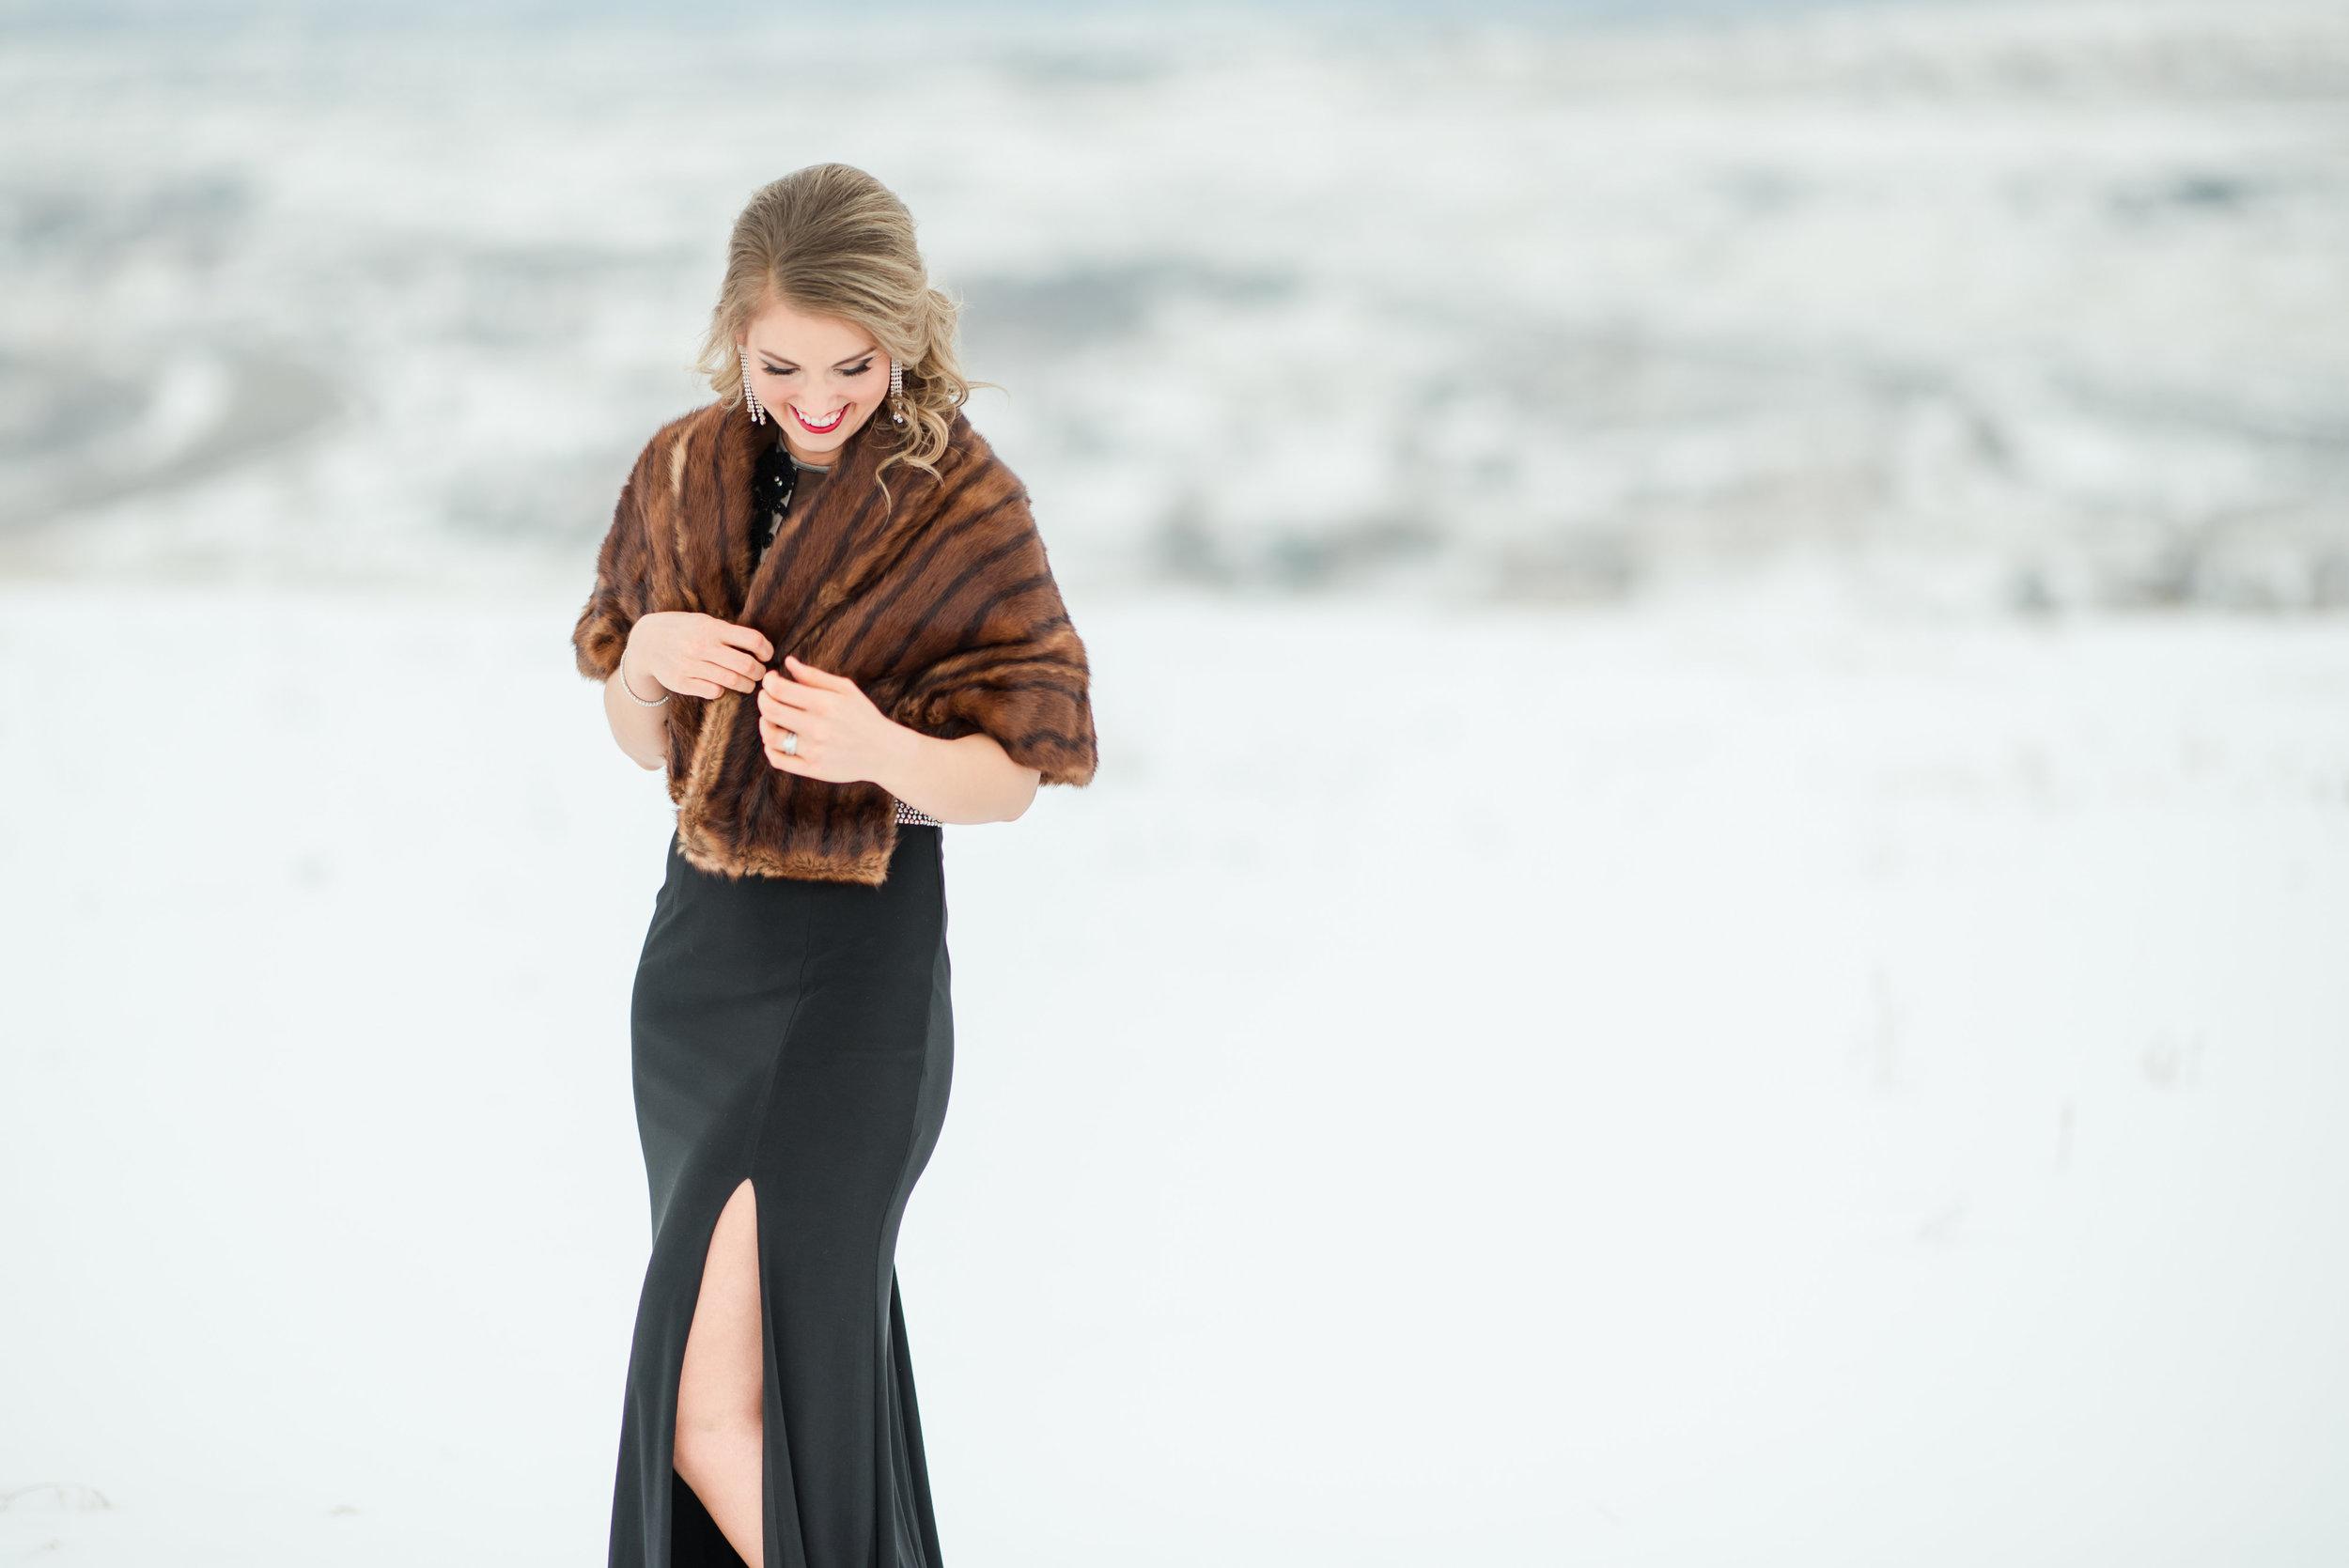 Deidra Winter Shoot Edited-0017.jpg